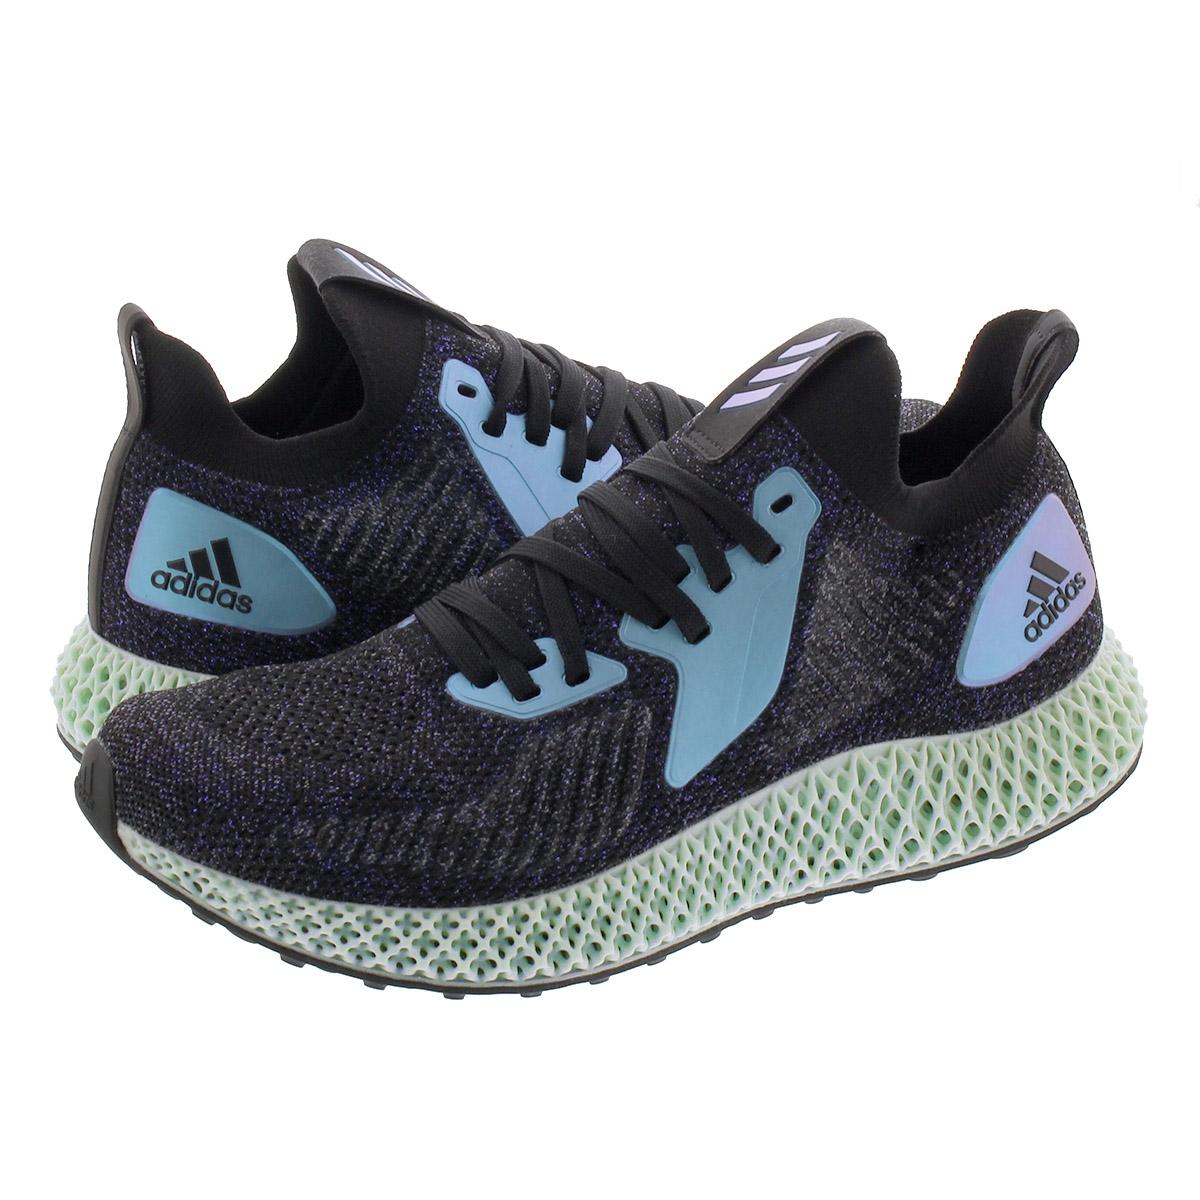 【毎日がお得!値下げプライス】 adidas ALPHAEDGE 4D アディダス アルファエッジ 4D CORE BLACK/GLORY BLUE/COLLEGE PURPLE fv6106